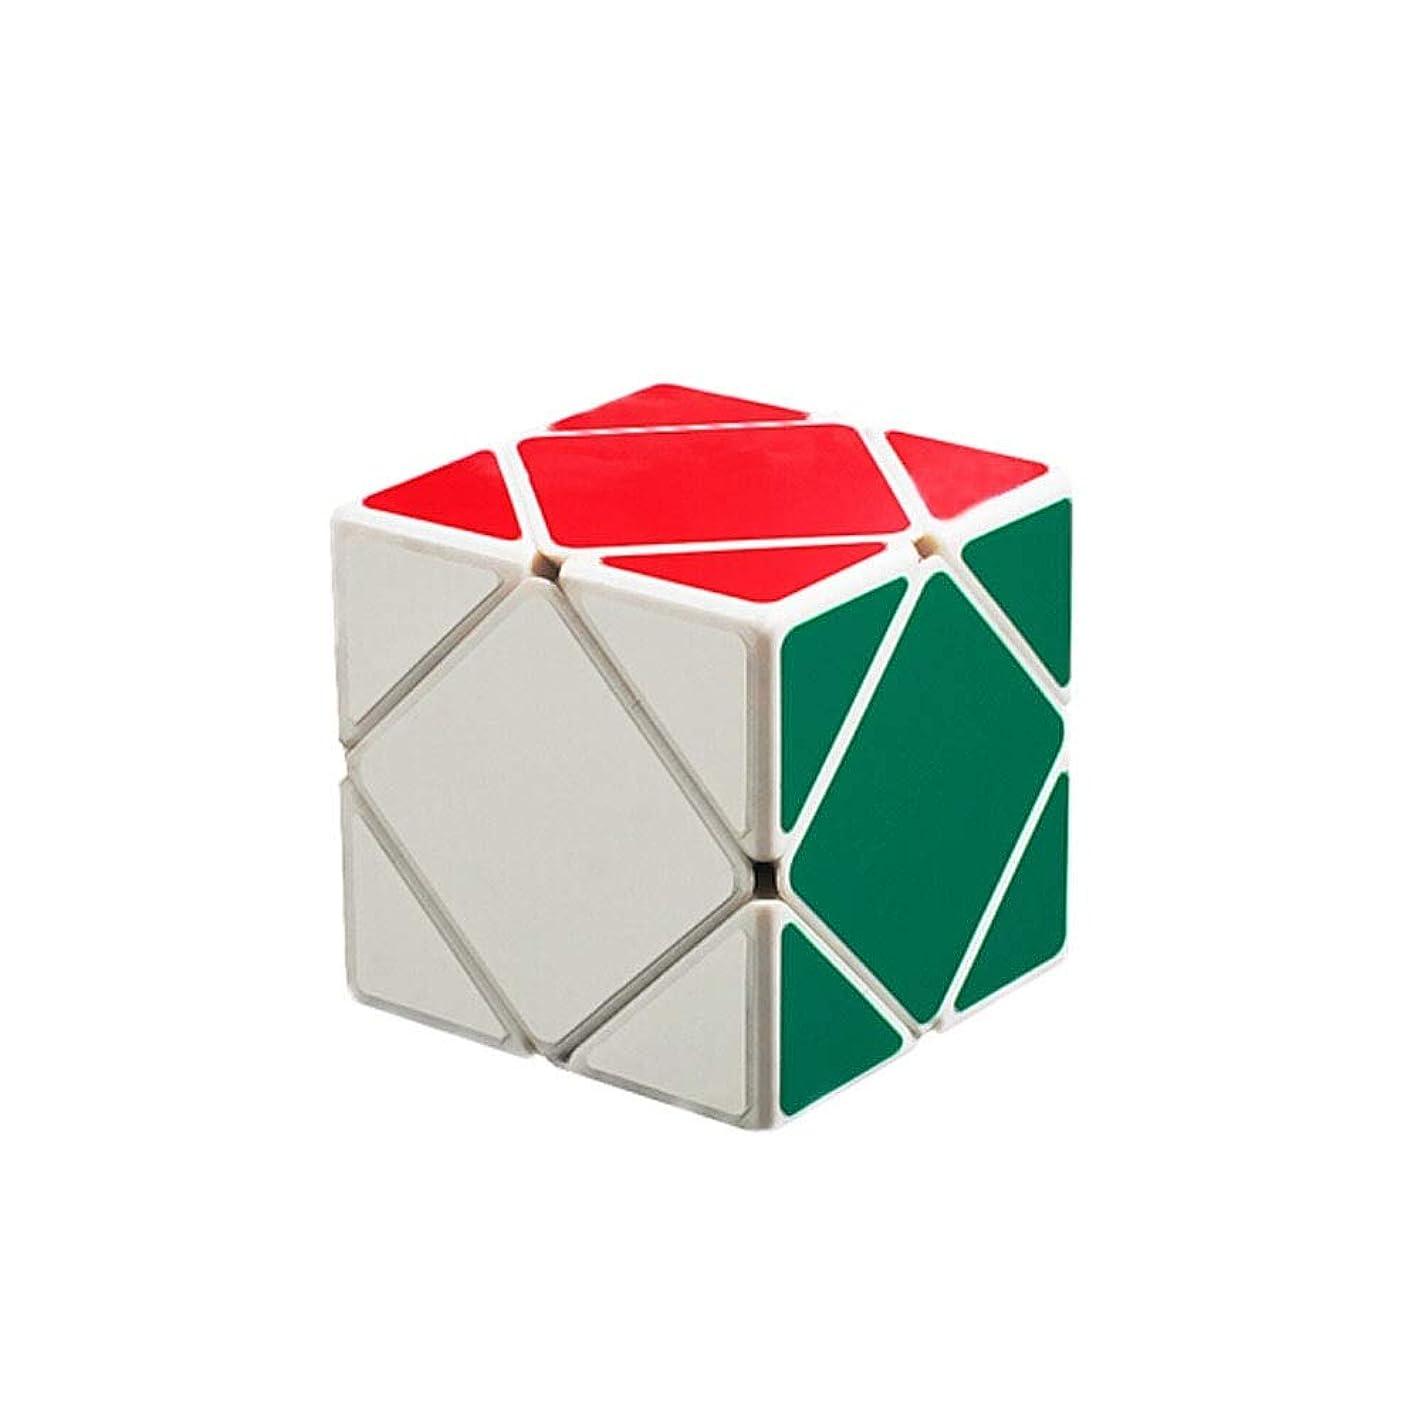 救急車邪悪な露Jinnuotong ルービックキューブは指を柔軟なスピードにすることができますルービックキューブ、創造的なランダムツイストデザインは、贈り物として使用することができます。 エレガントで快適 (Edition : Third order)